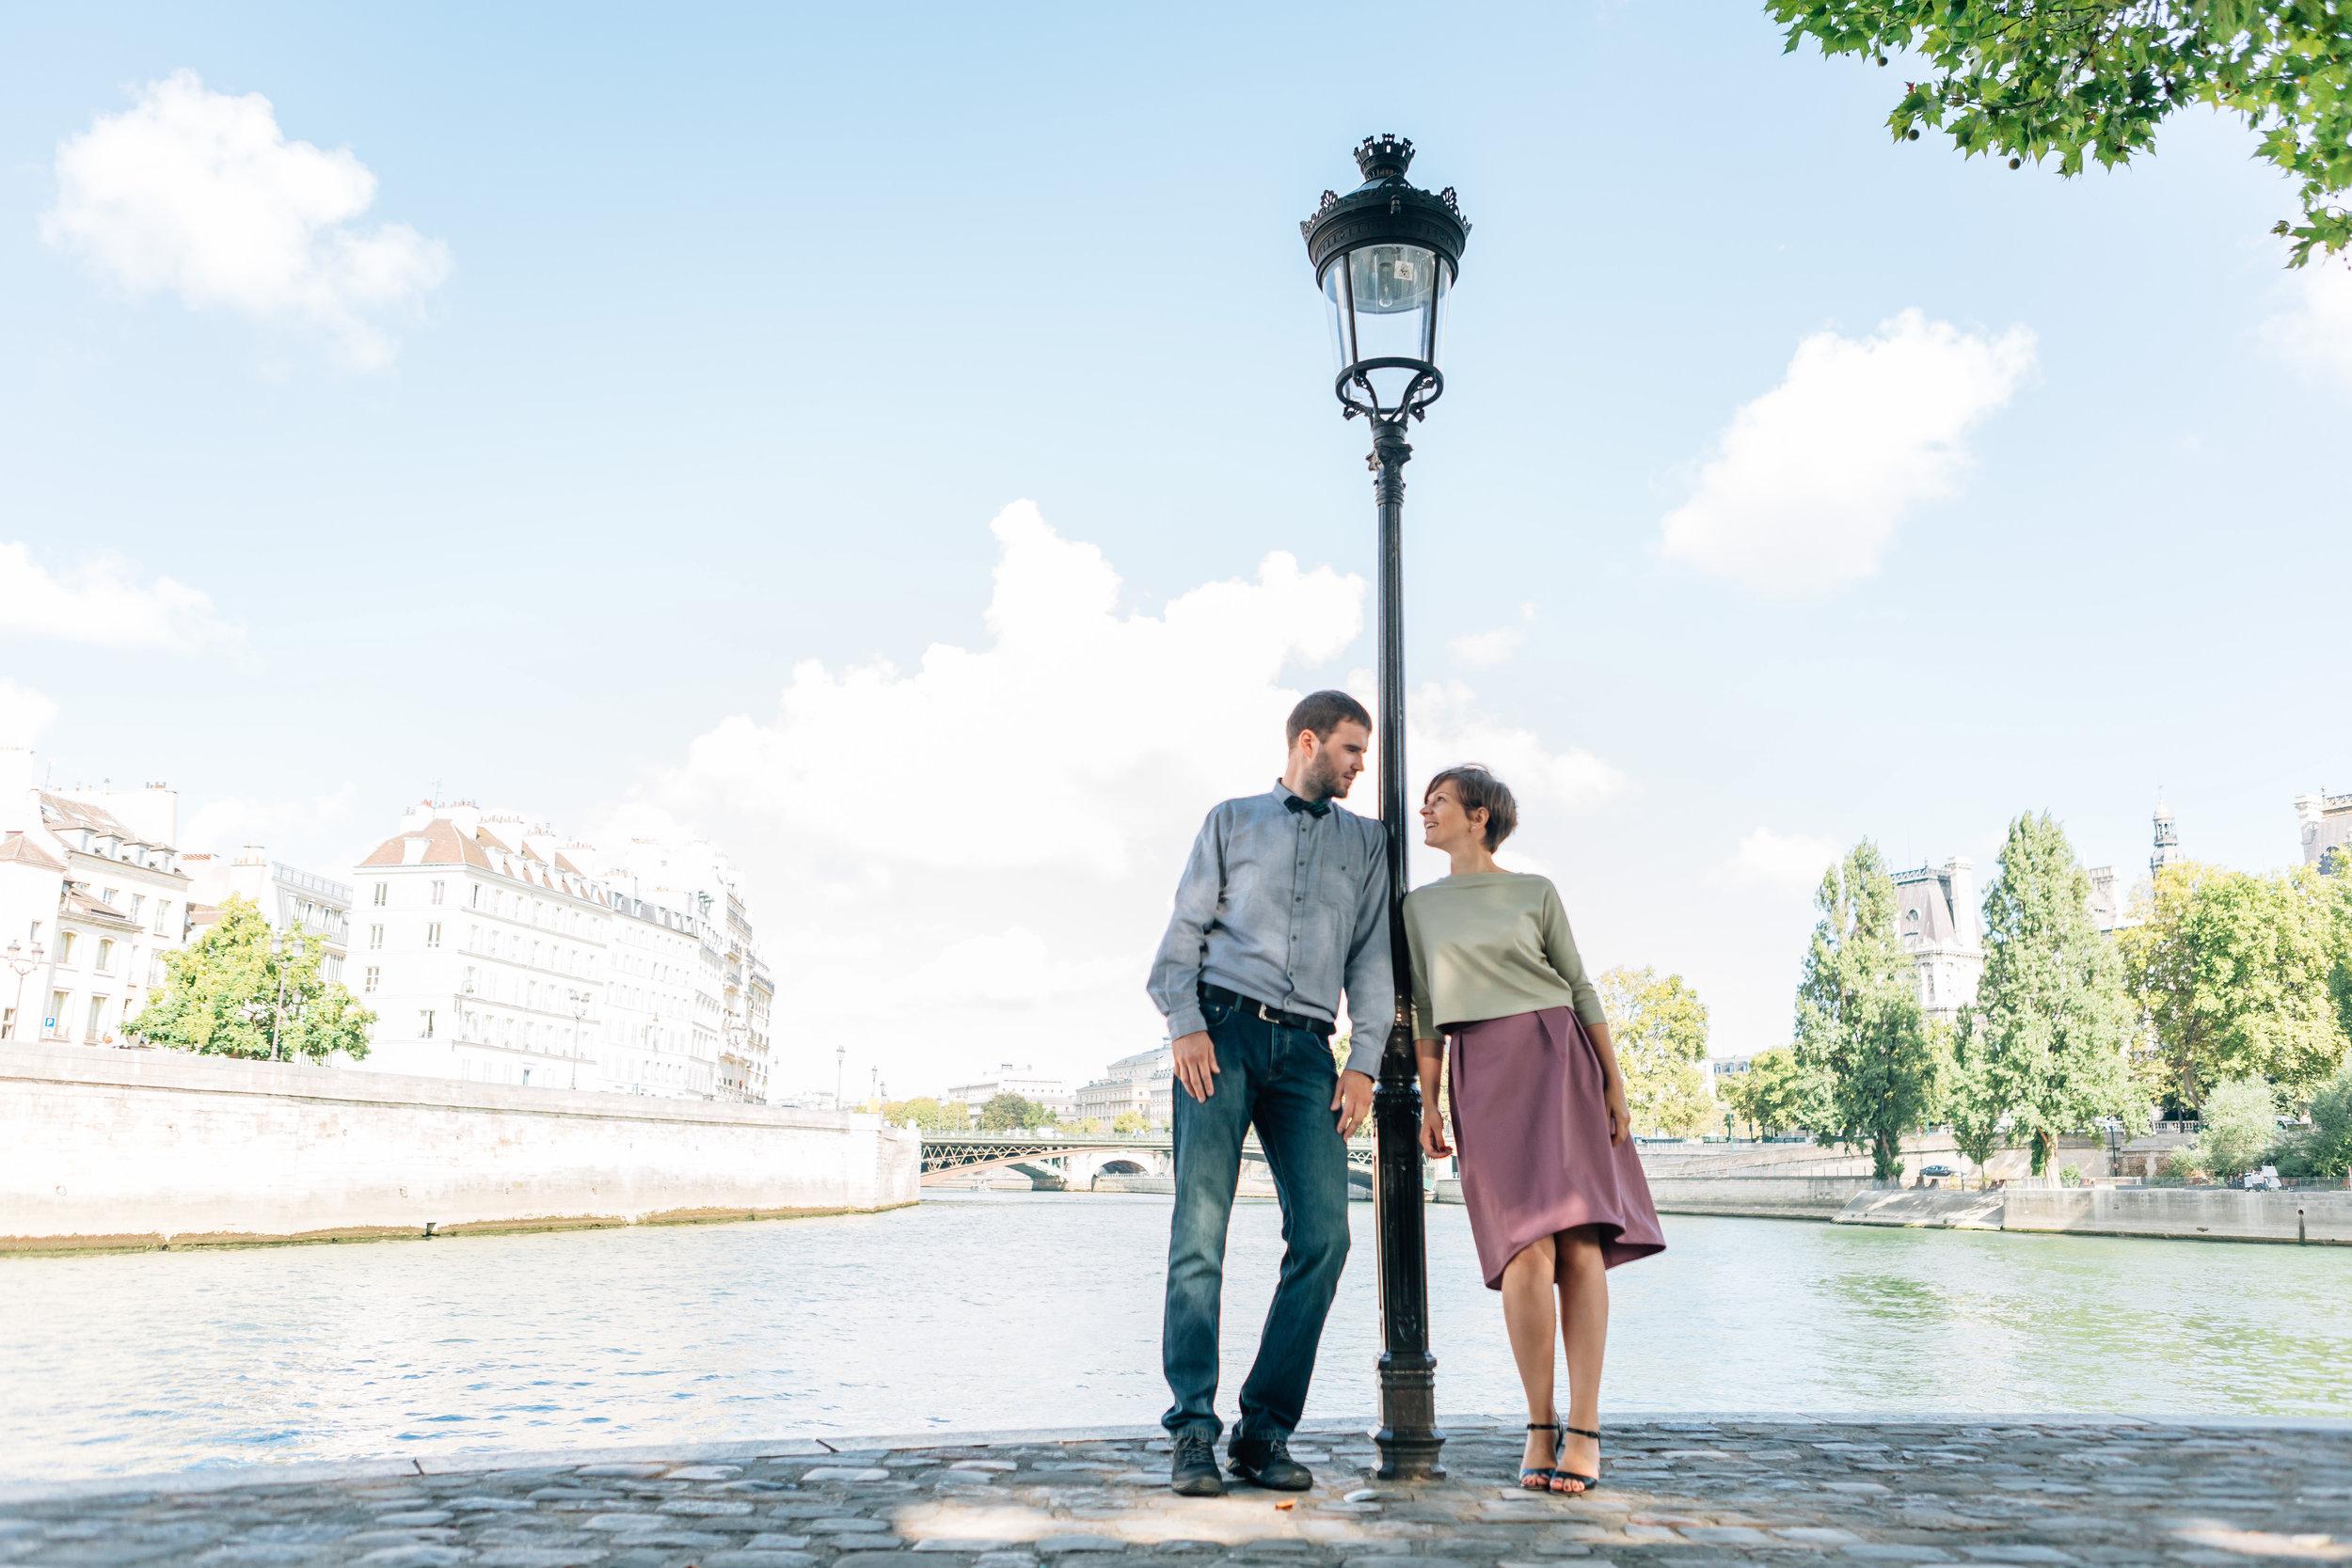 paris photographer honeymoon couple portrait by lamp post at ile saint louis by the seine river